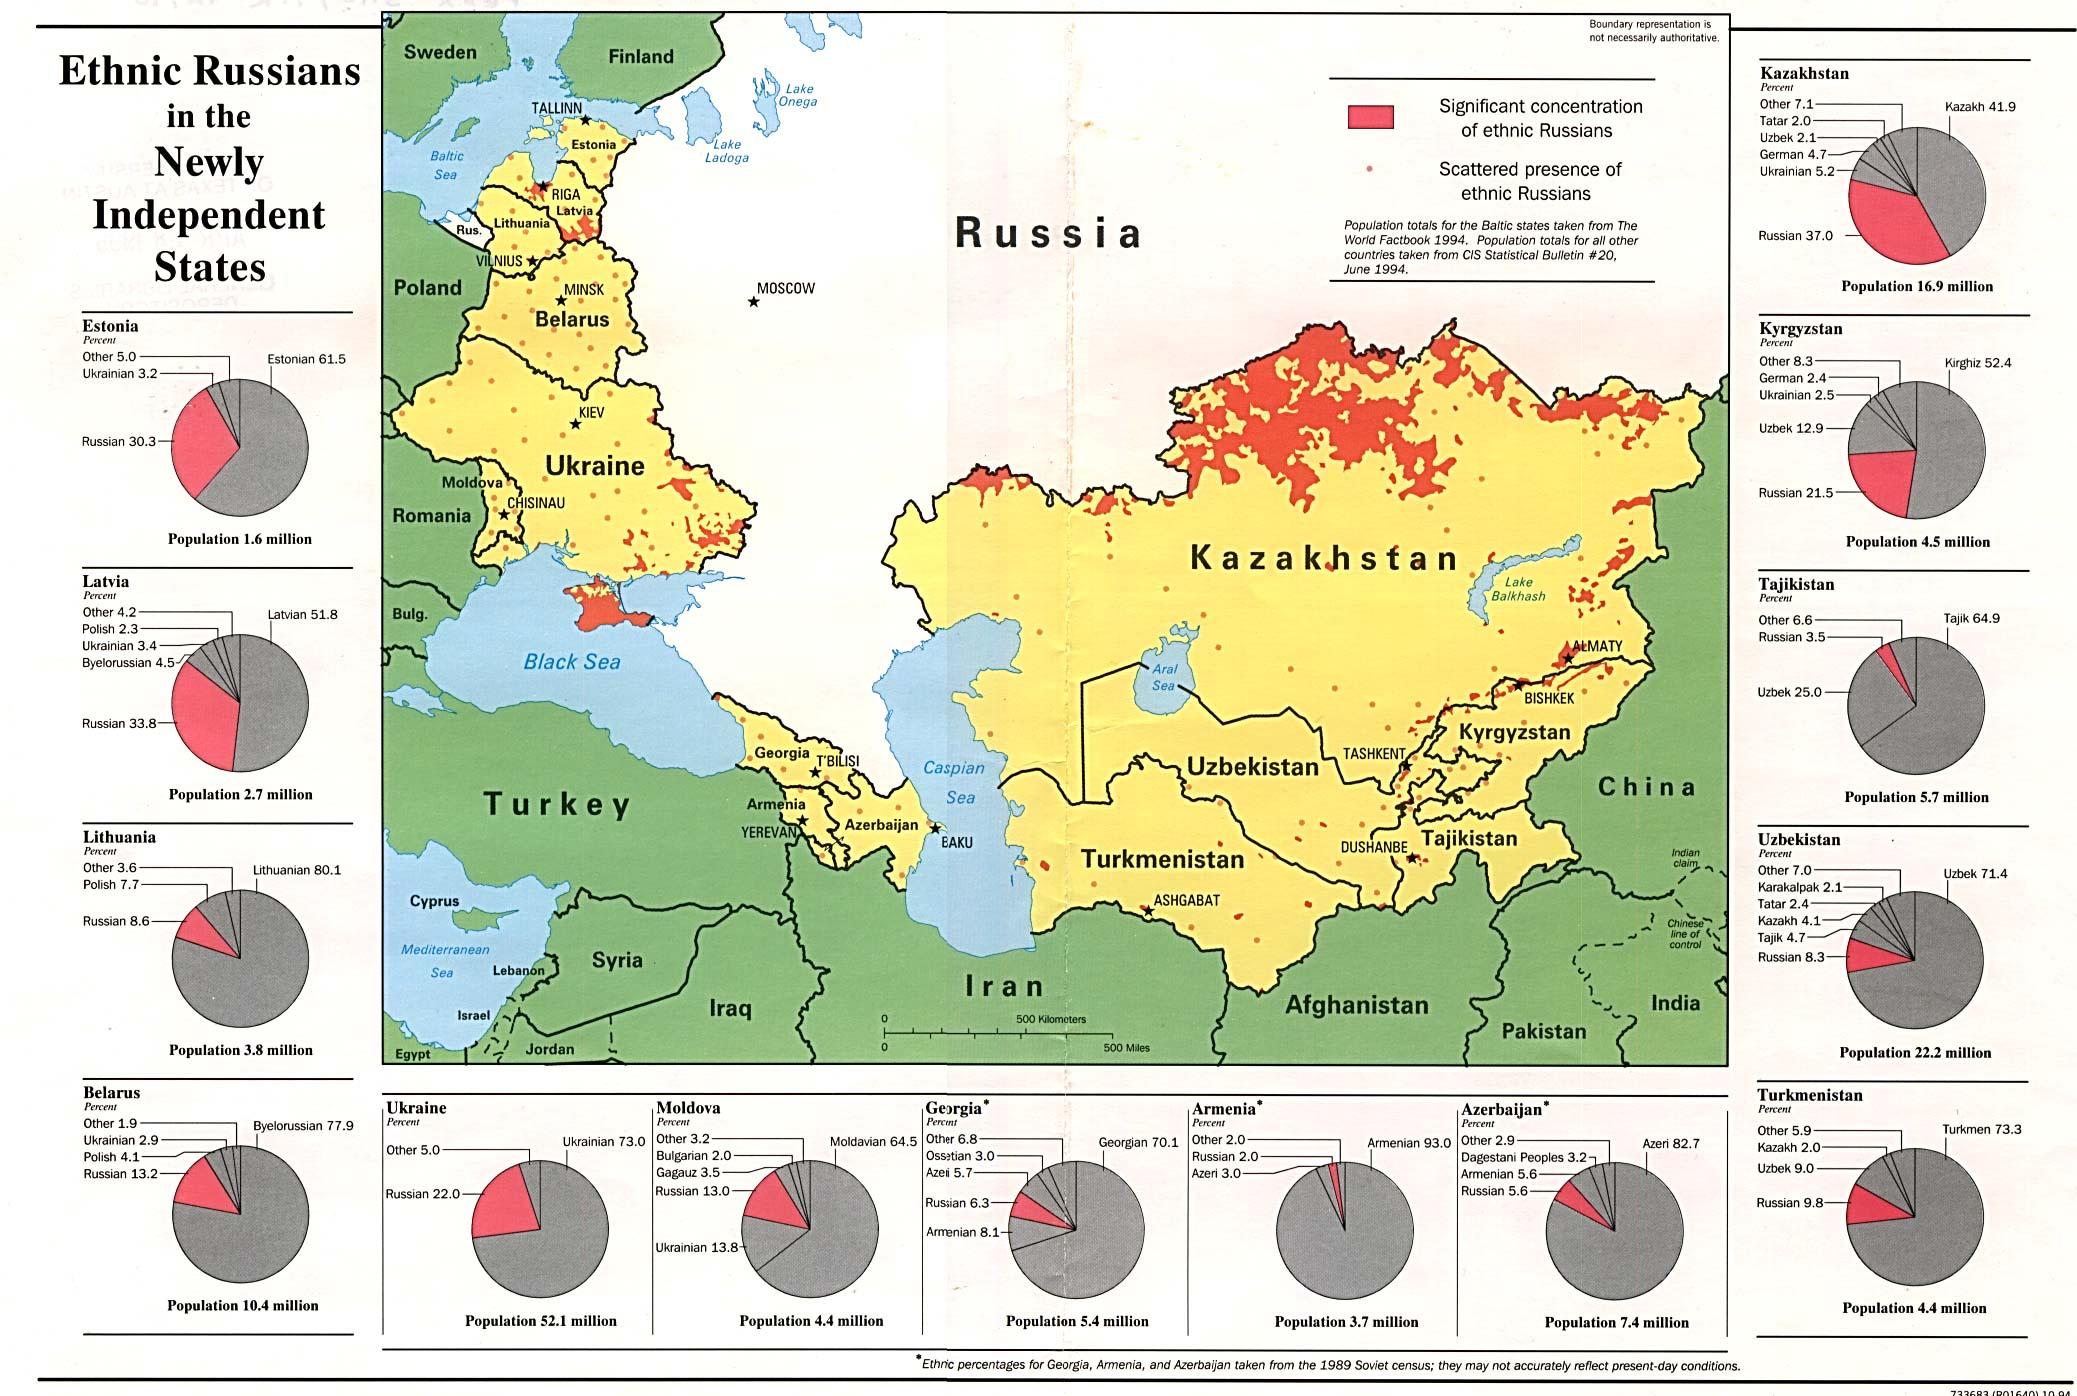 russians_ethnic_94